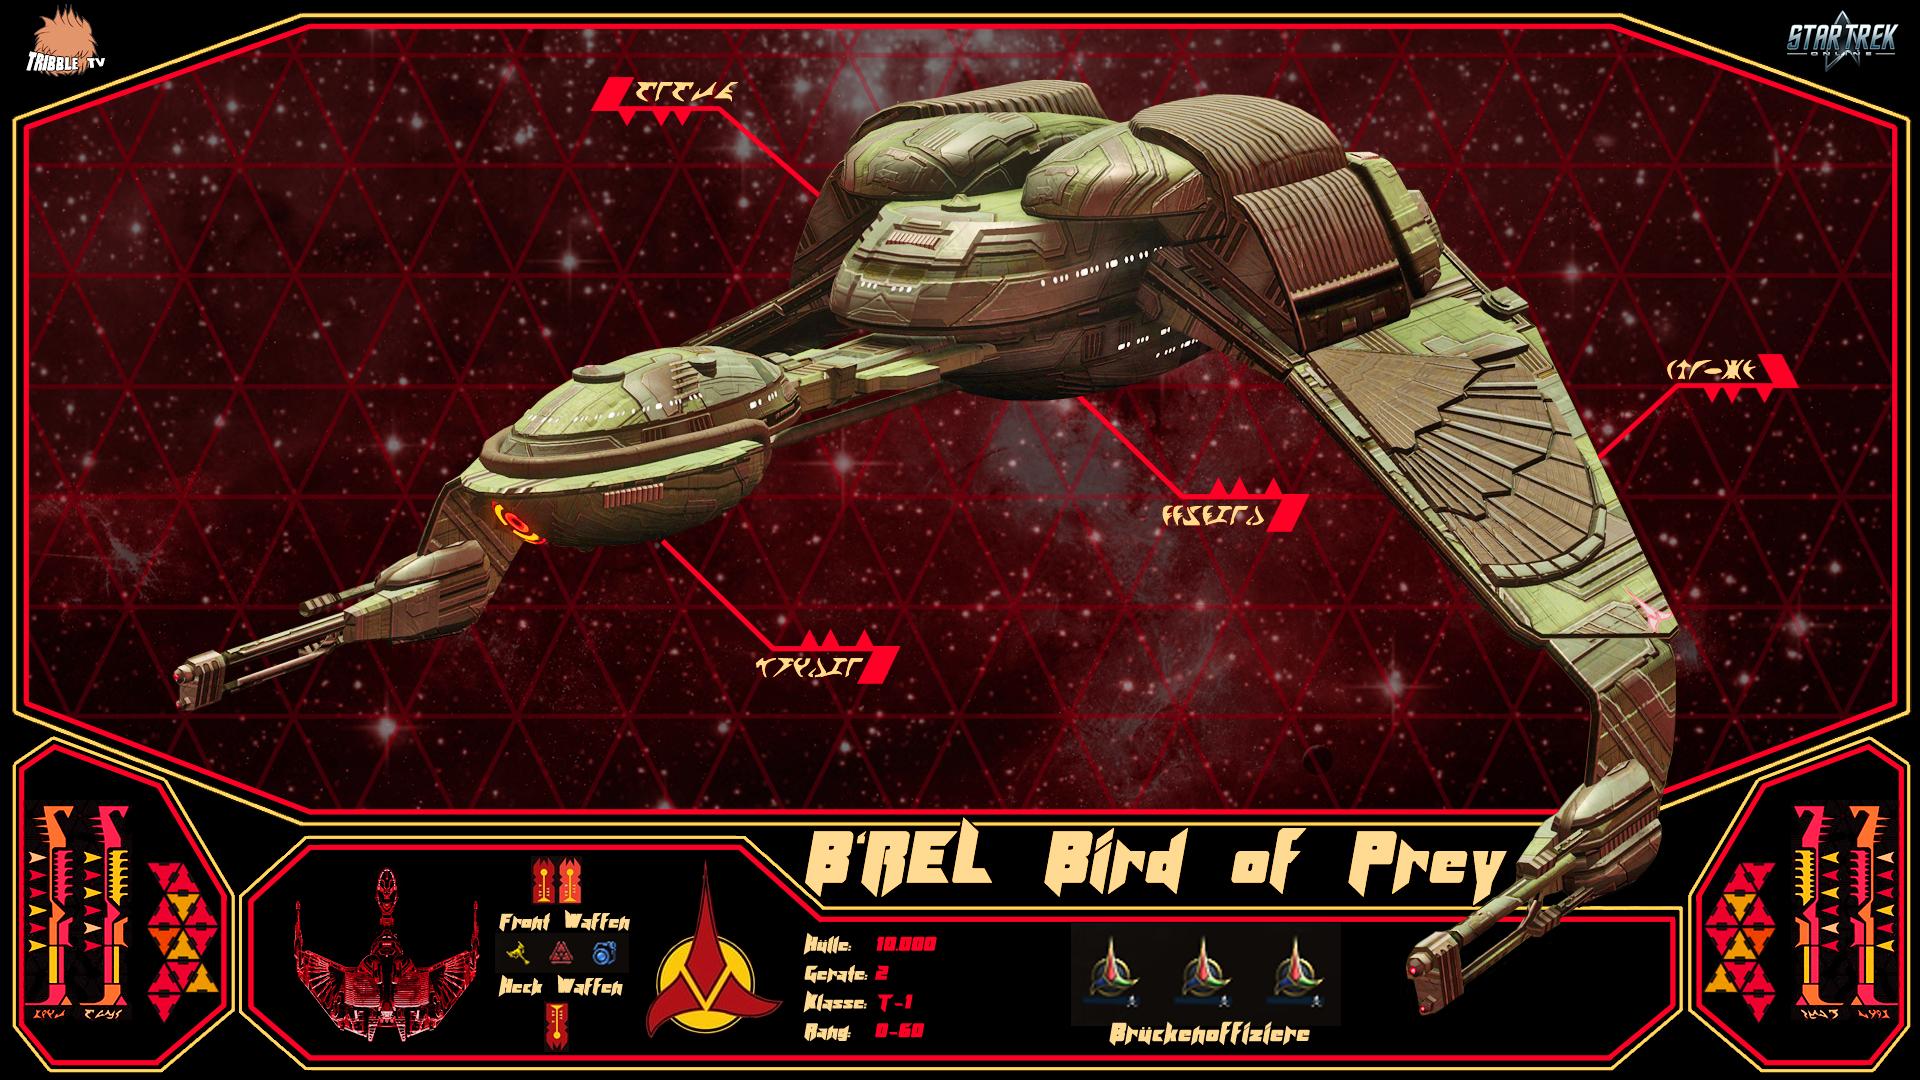 B'Rel Bird of Prey T-1